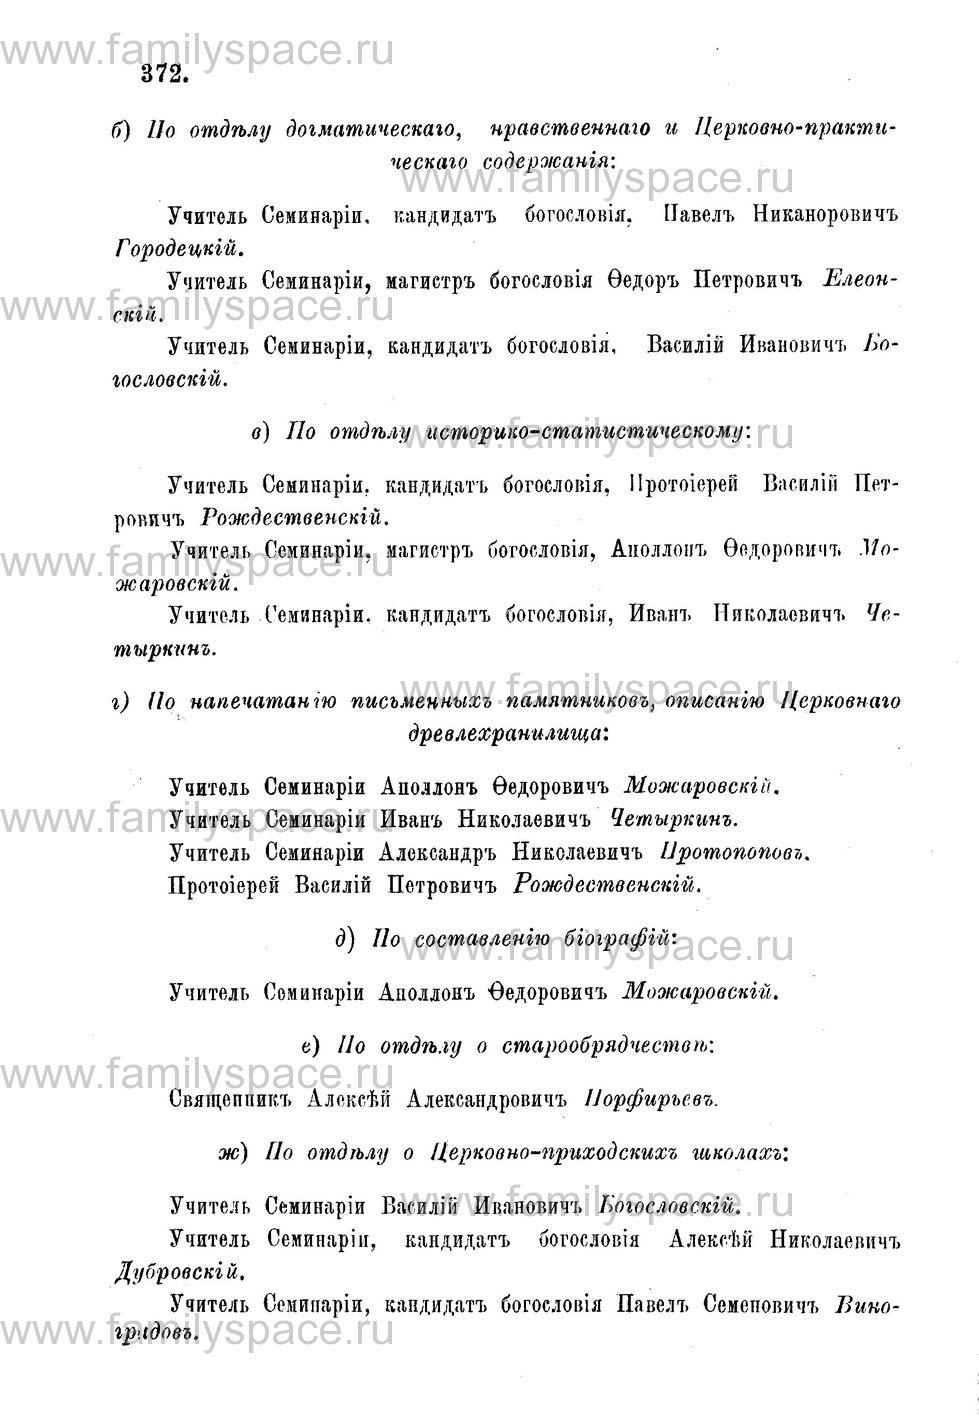 Поиск по фамилии - Адрес-календарь Нижегородской епархии на 1888 год, страница 1372